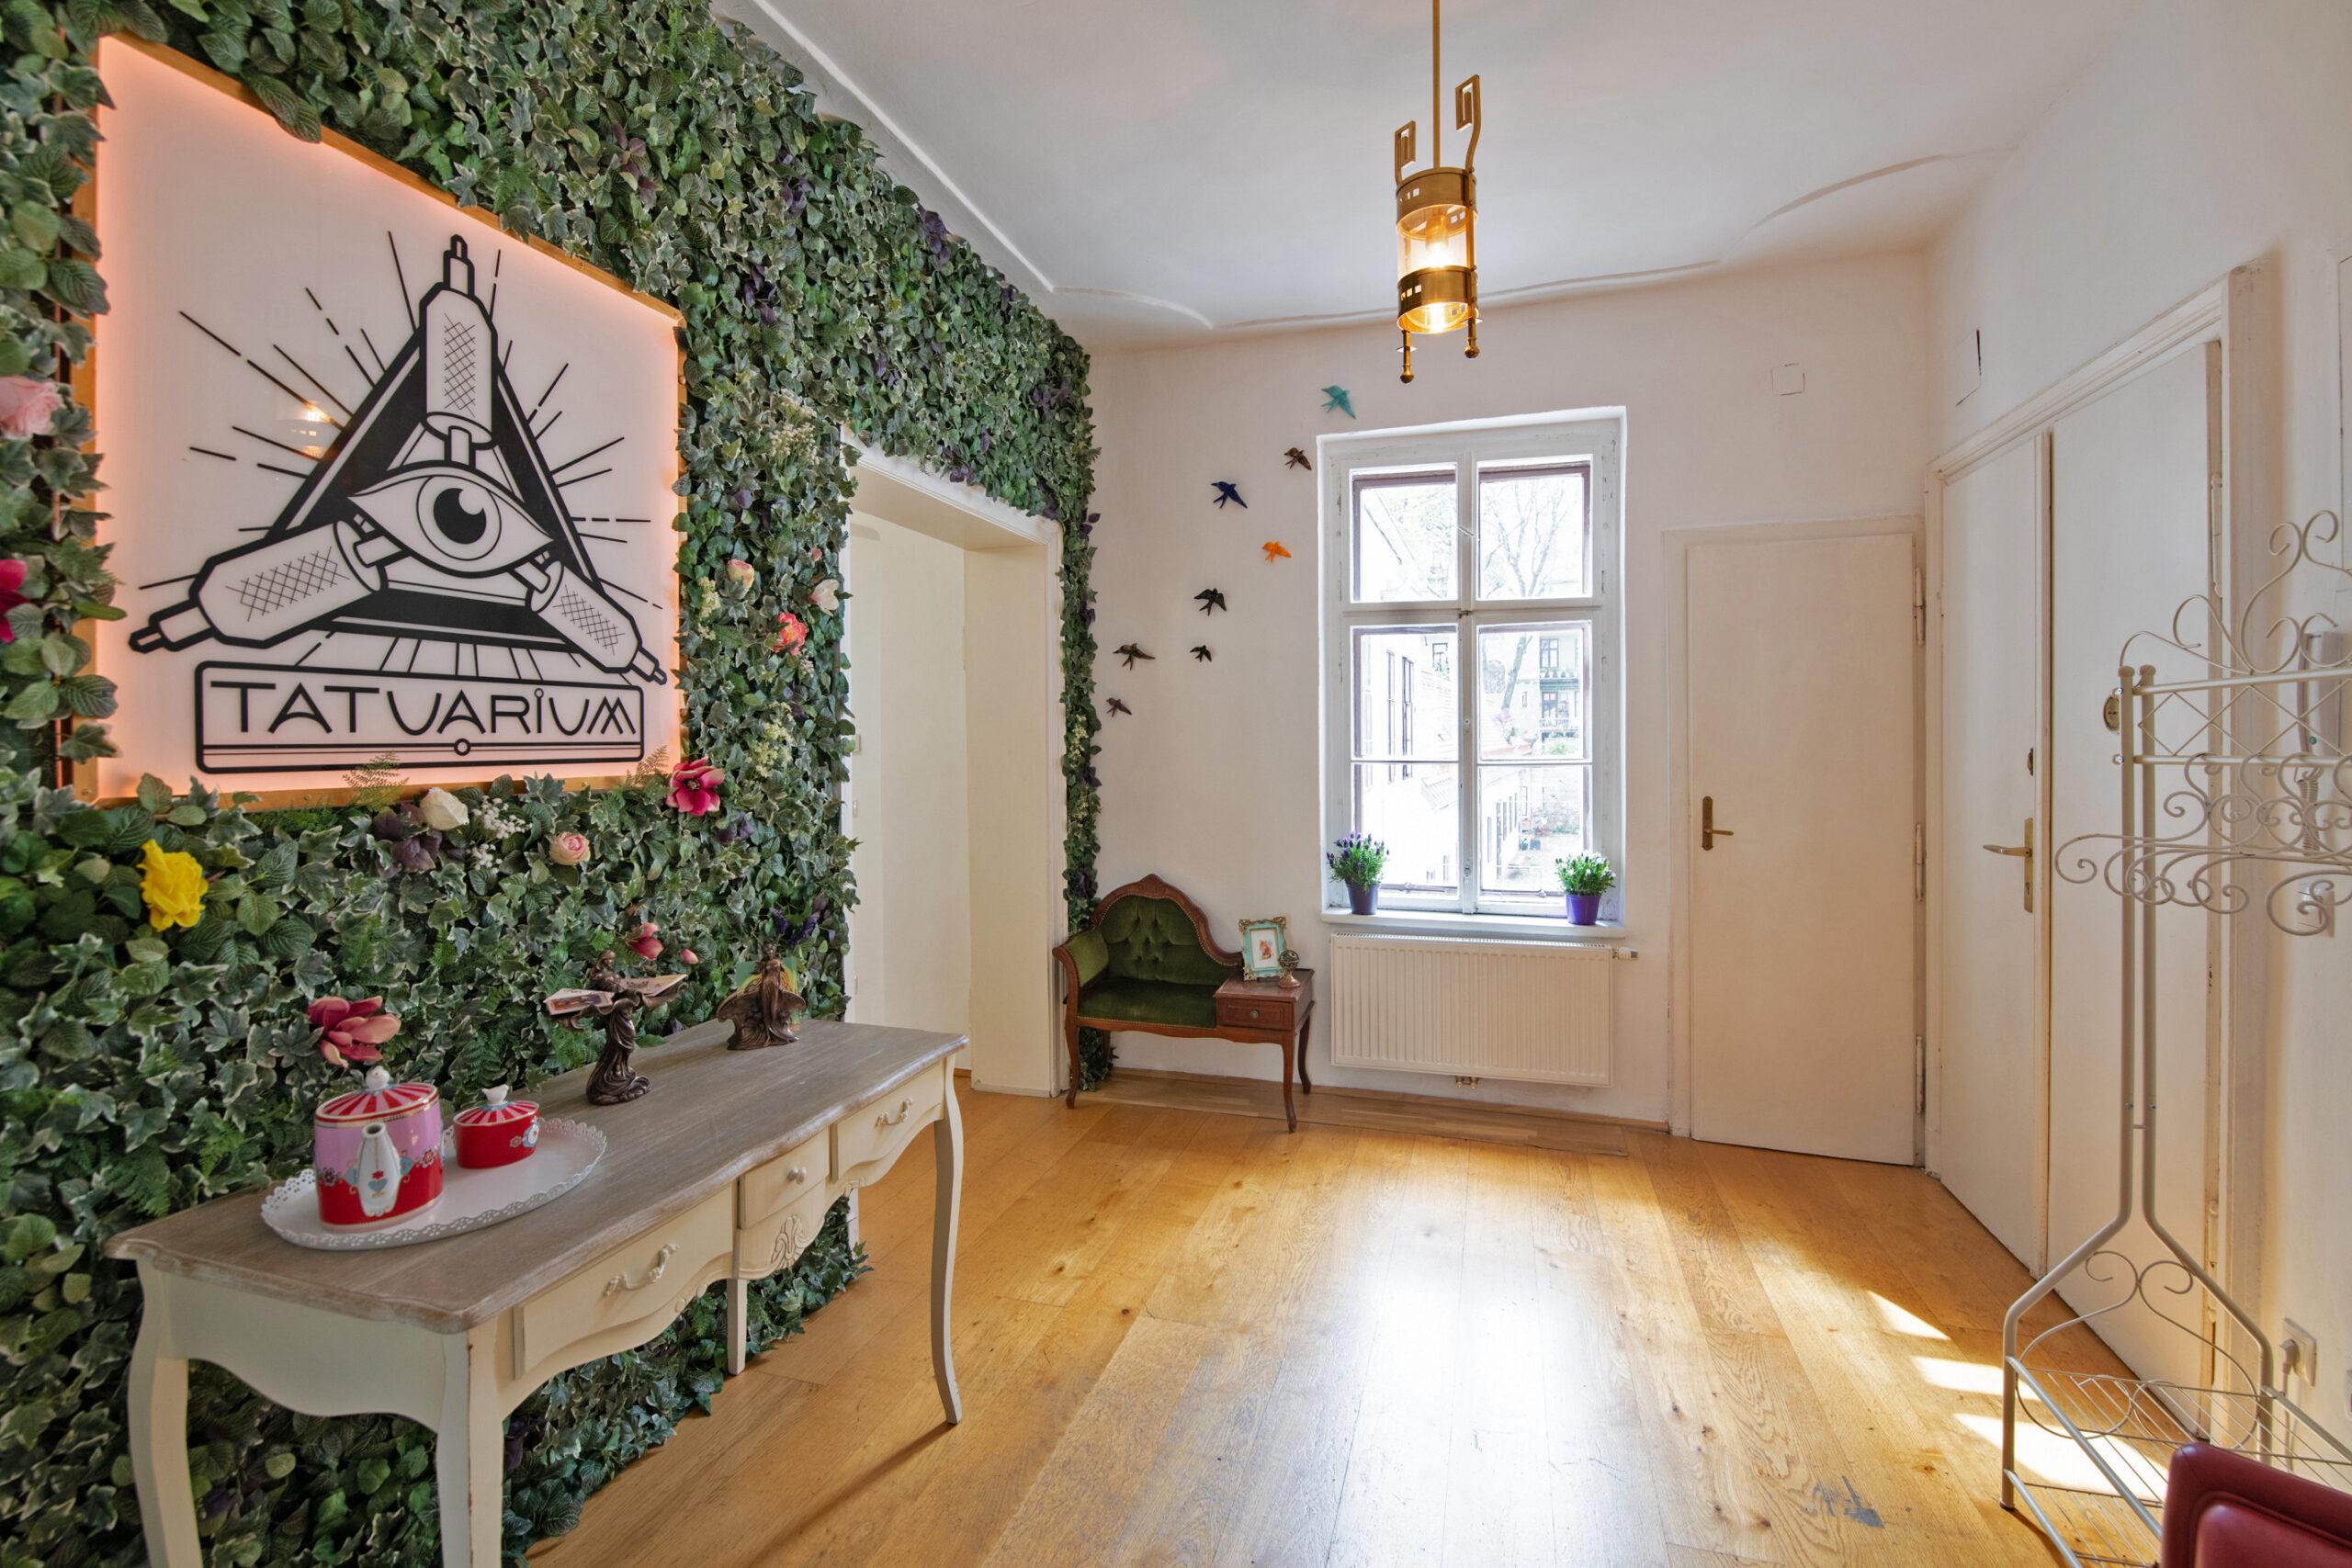 Tatuarium Tattoo Studio Wien